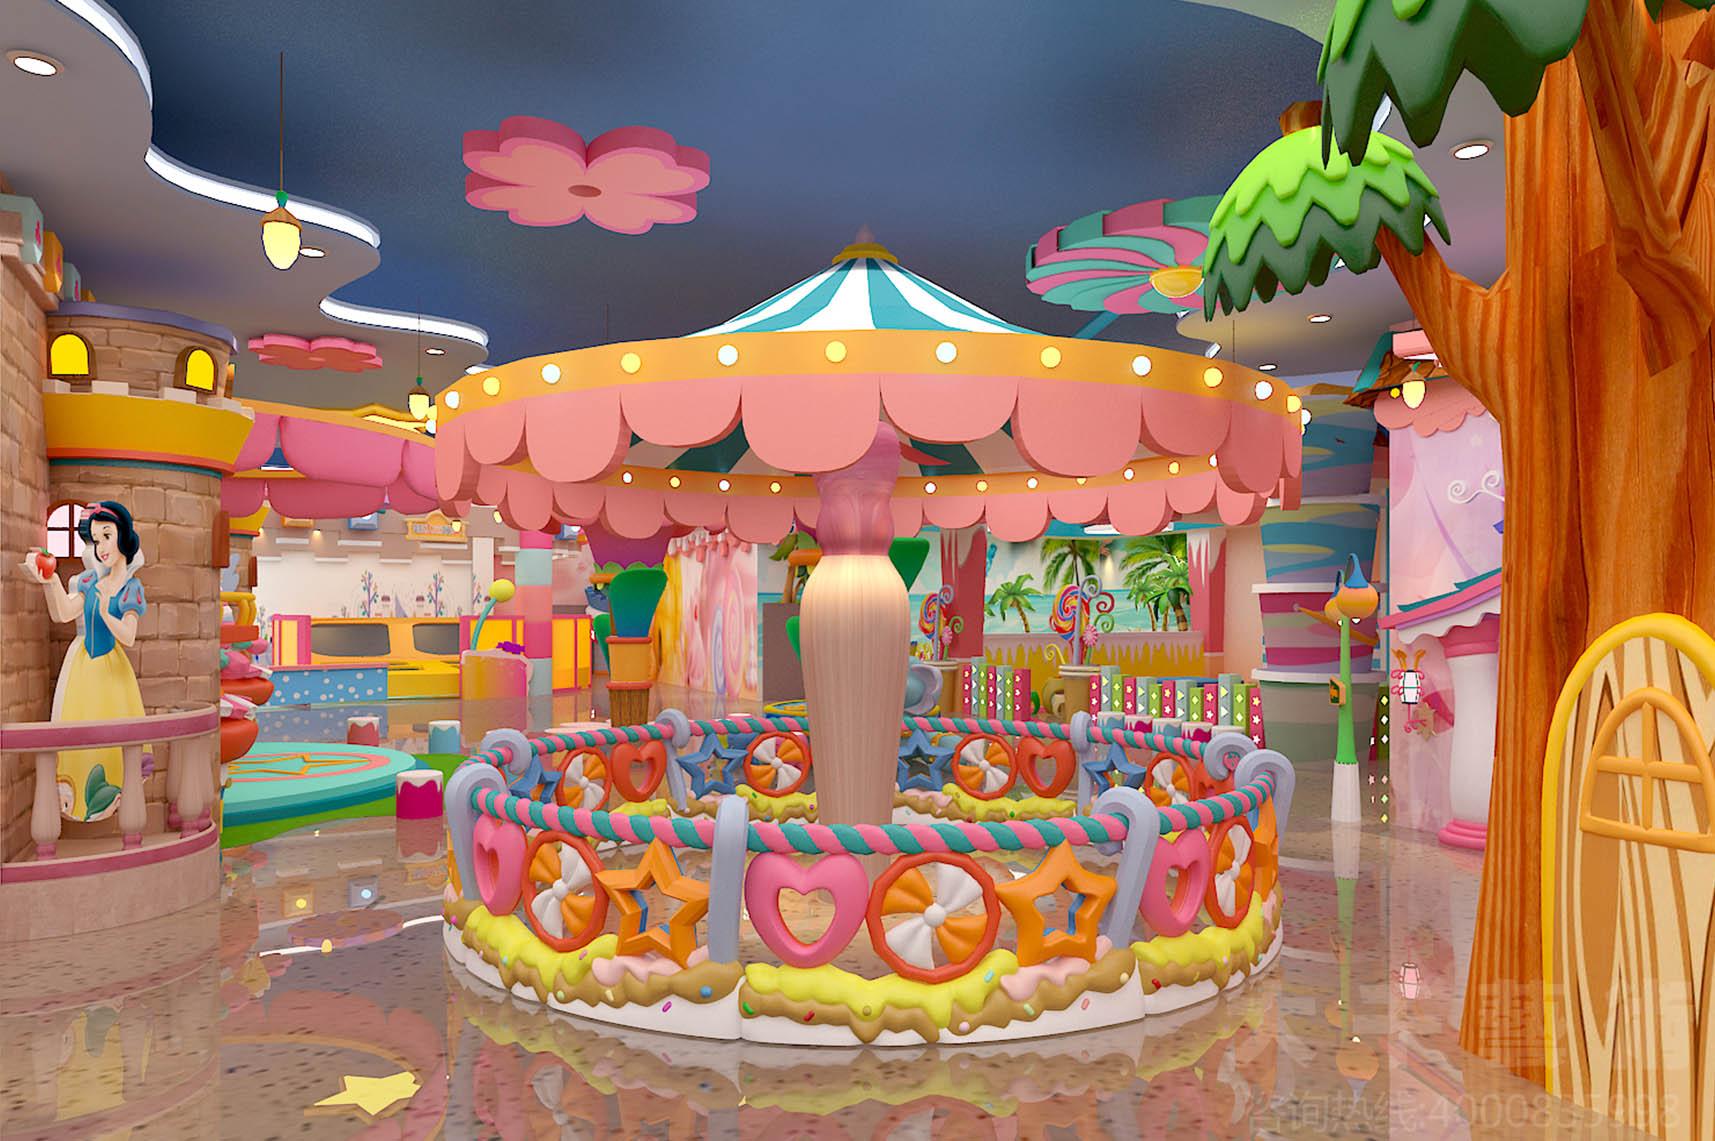 """以""""趣味性,艺术性,实用性""""为主题设计方向,打造出一个充满梦幻的糖果"""